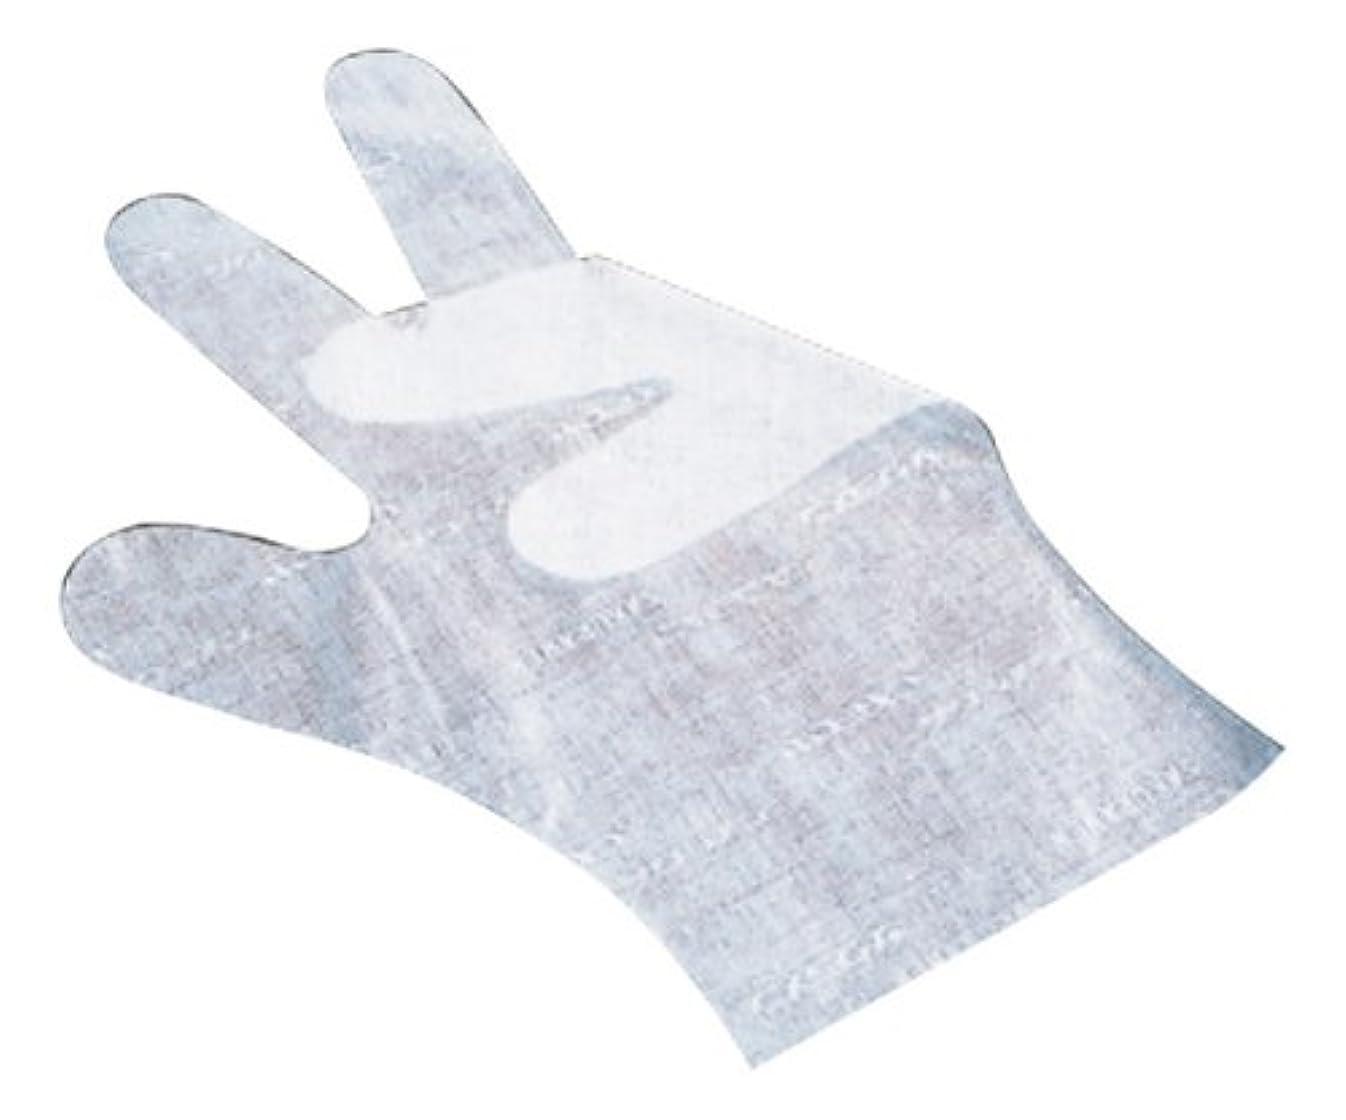 論争的どうしたの部分サクラメン手袋 デラックス(100枚入)L ホワイト 35μ